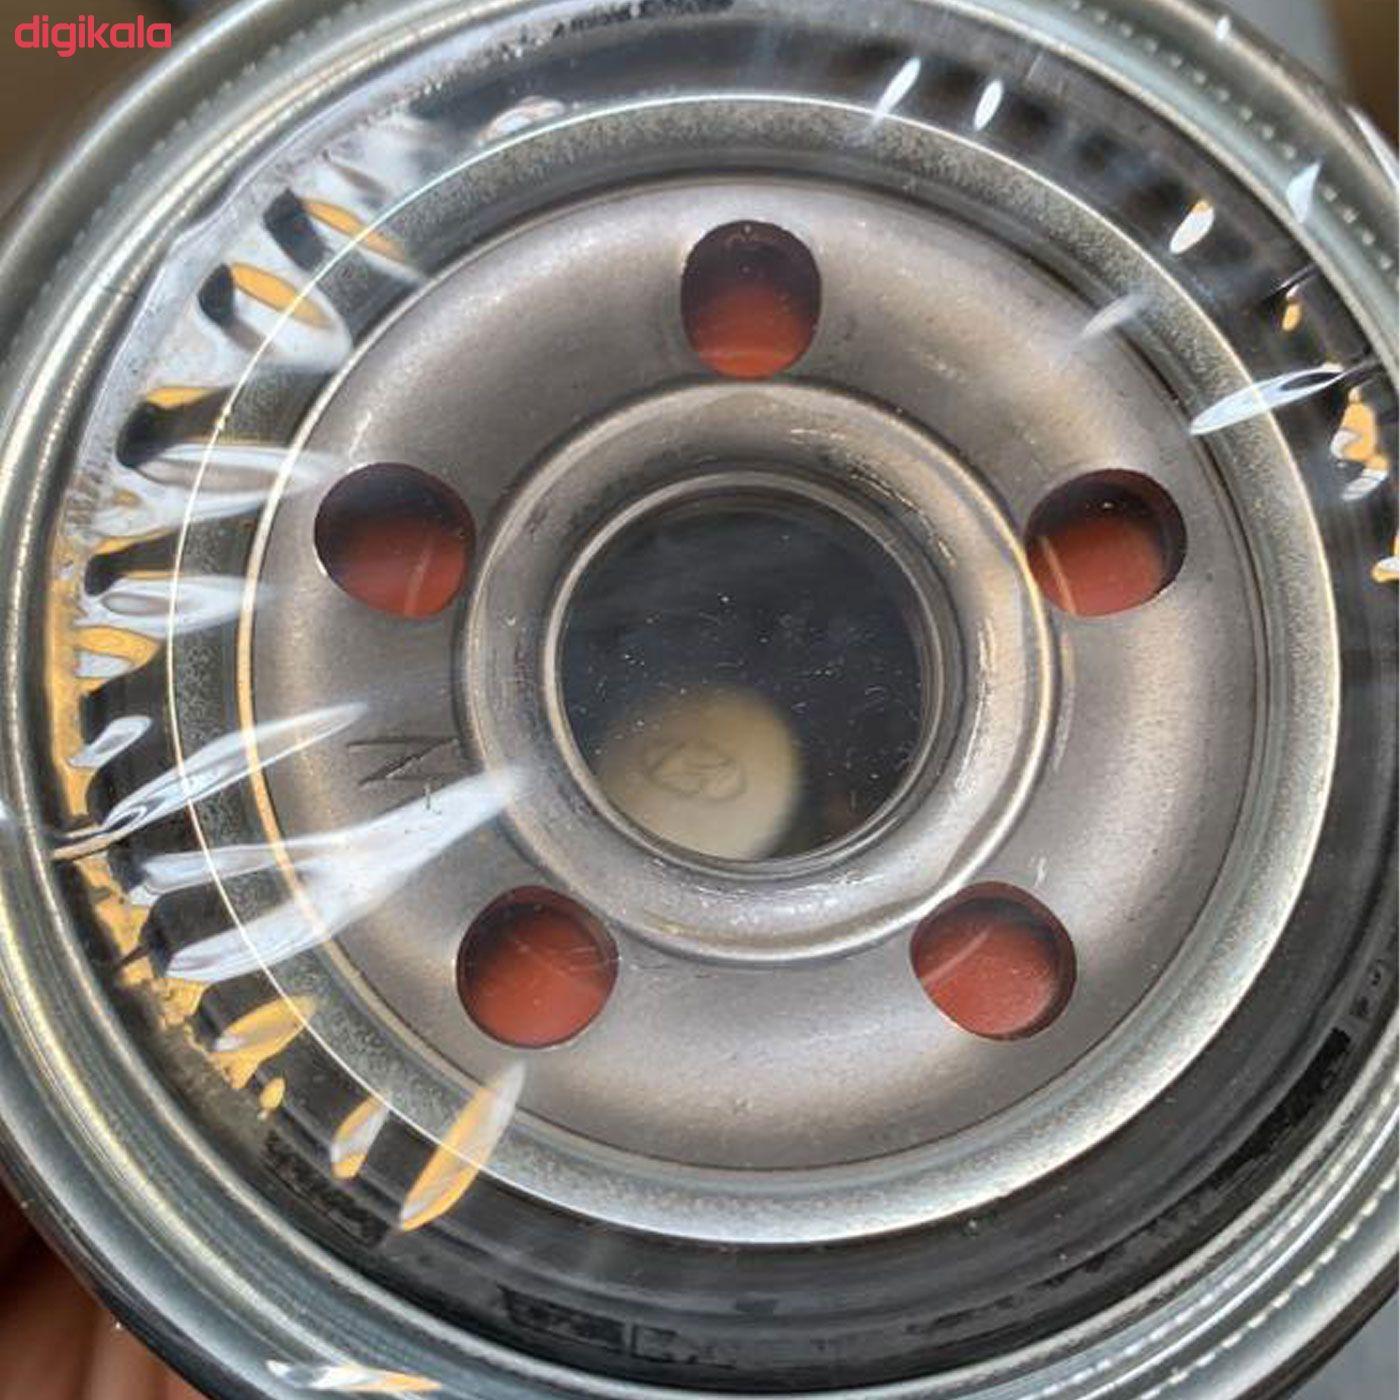 فیلتر روغن خودرو هیوندای جنیون پارتس مدل 35505 مناسب برای سراتو نیو YD main 1 3